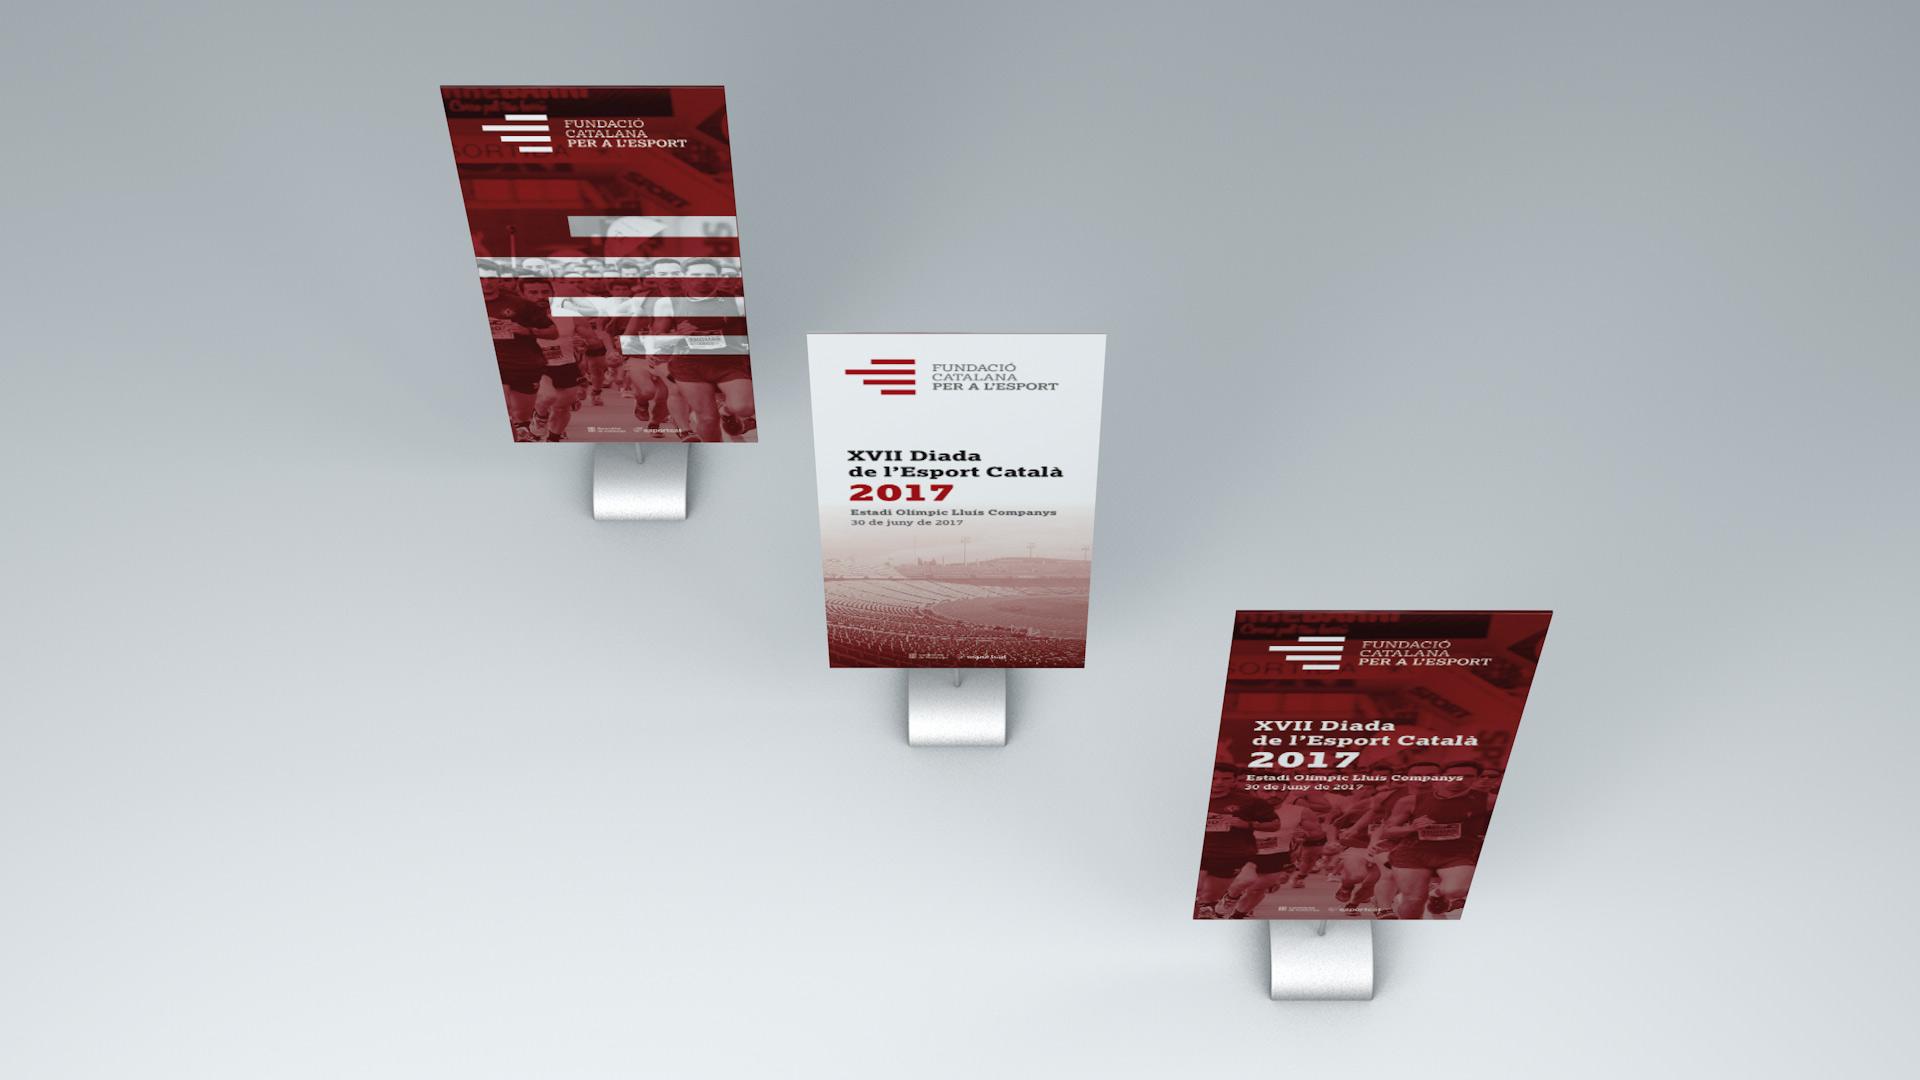 Diseño marca e identidad corporativa Fundació Catalana per a l'Esport - Rollup